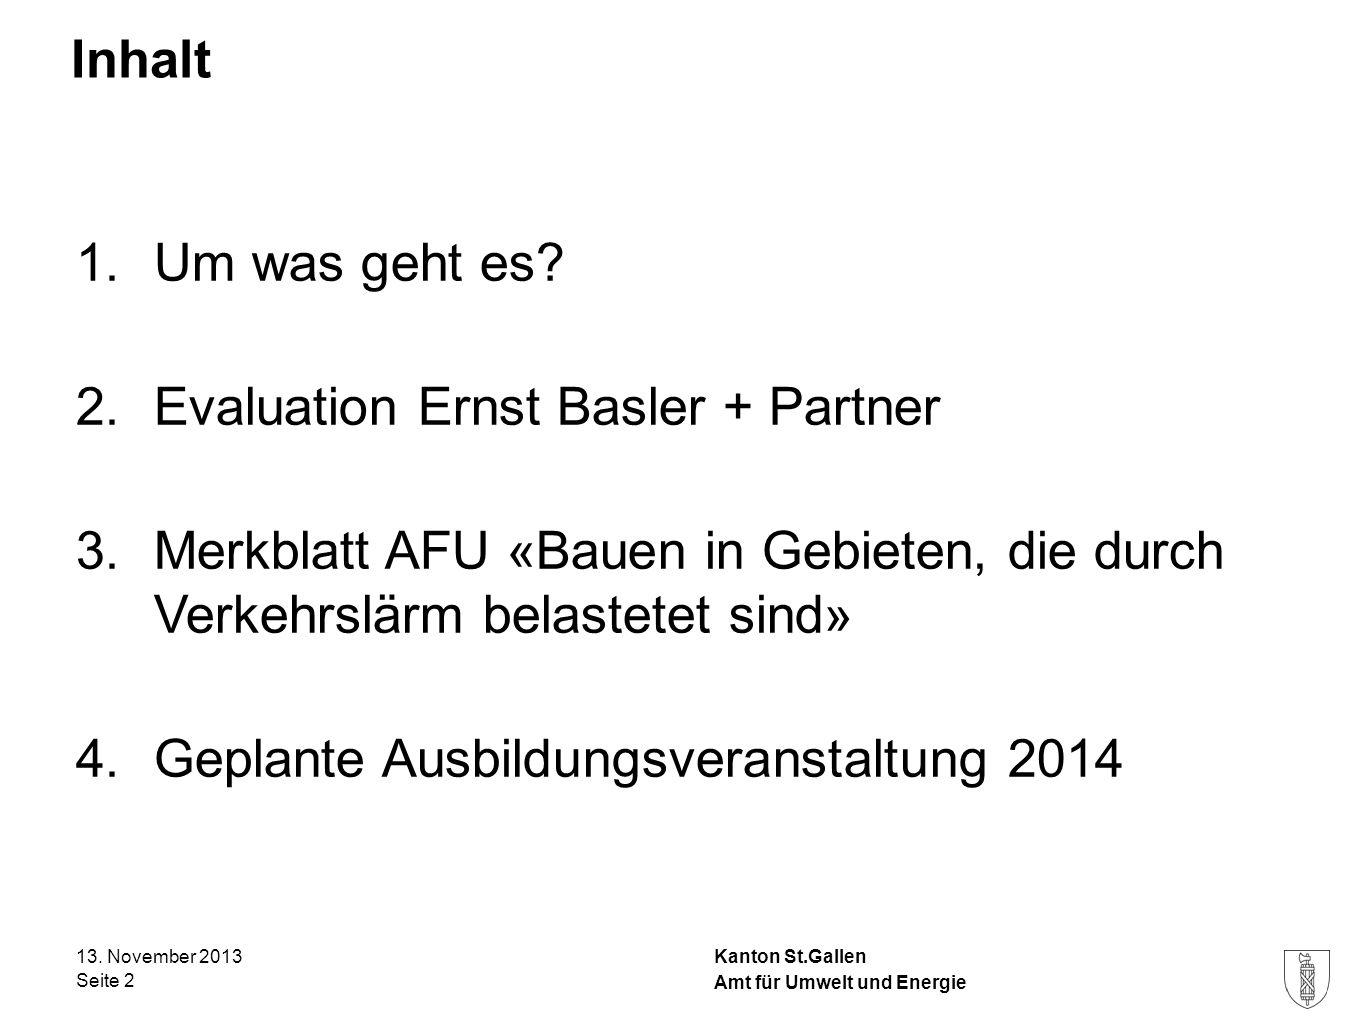 Kanton St.Gallen Inhalt 1.Um was geht es? 2.Evaluation Ernst Basler + Partner 3.Merkblatt AFU «Bauen in Gebieten, die durch Verkehrslärm belastetet si